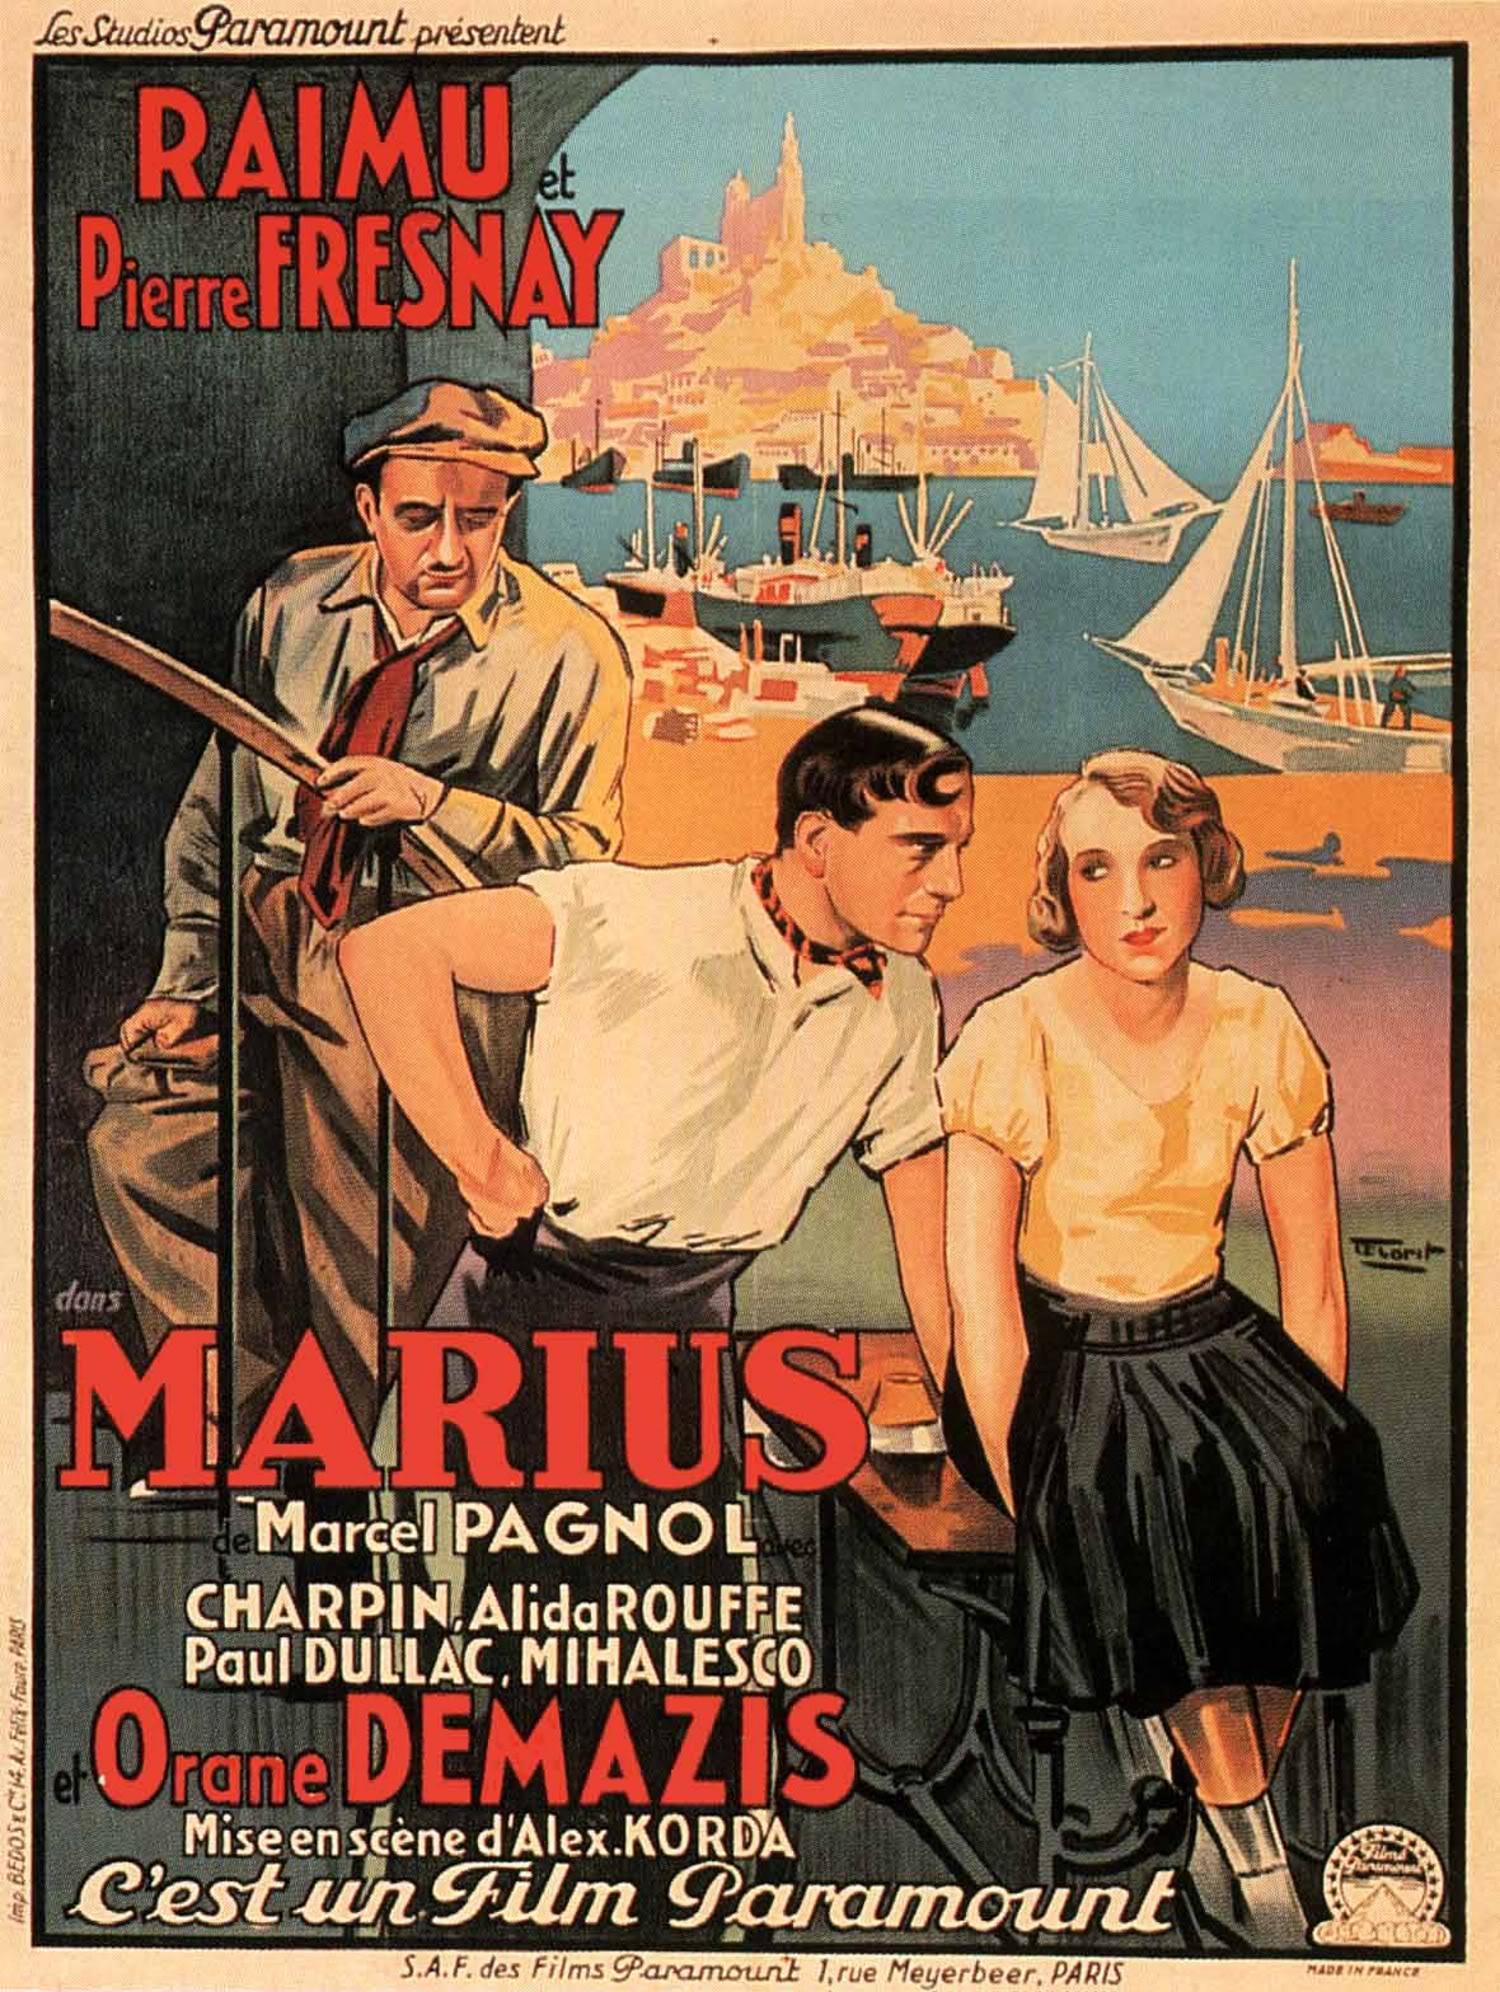 مشاهدة فيلم Marius (1931) (الجزء الأول) مترجم